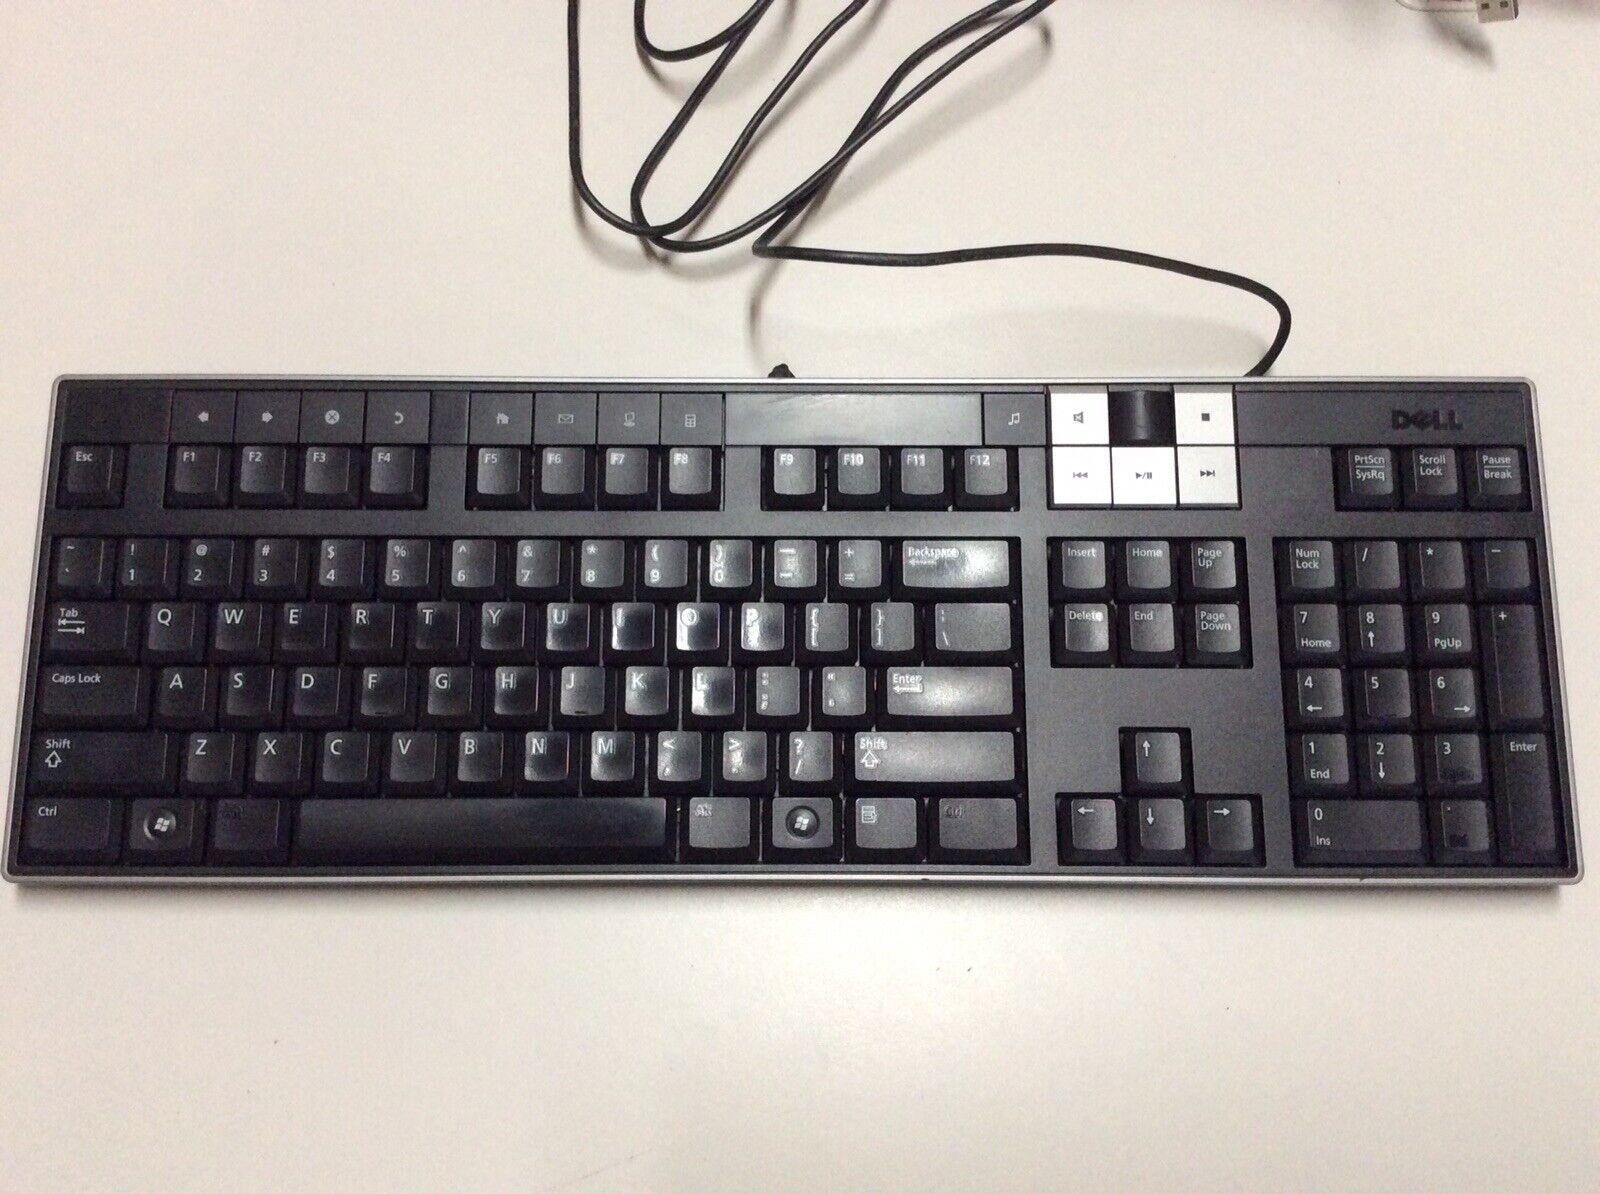 Lot Of 6 DELL U473D Enhanced Multimedia USB Keyboard W/ 2 USB Ports Y-U003-DEL5. Buy it now for 115.00